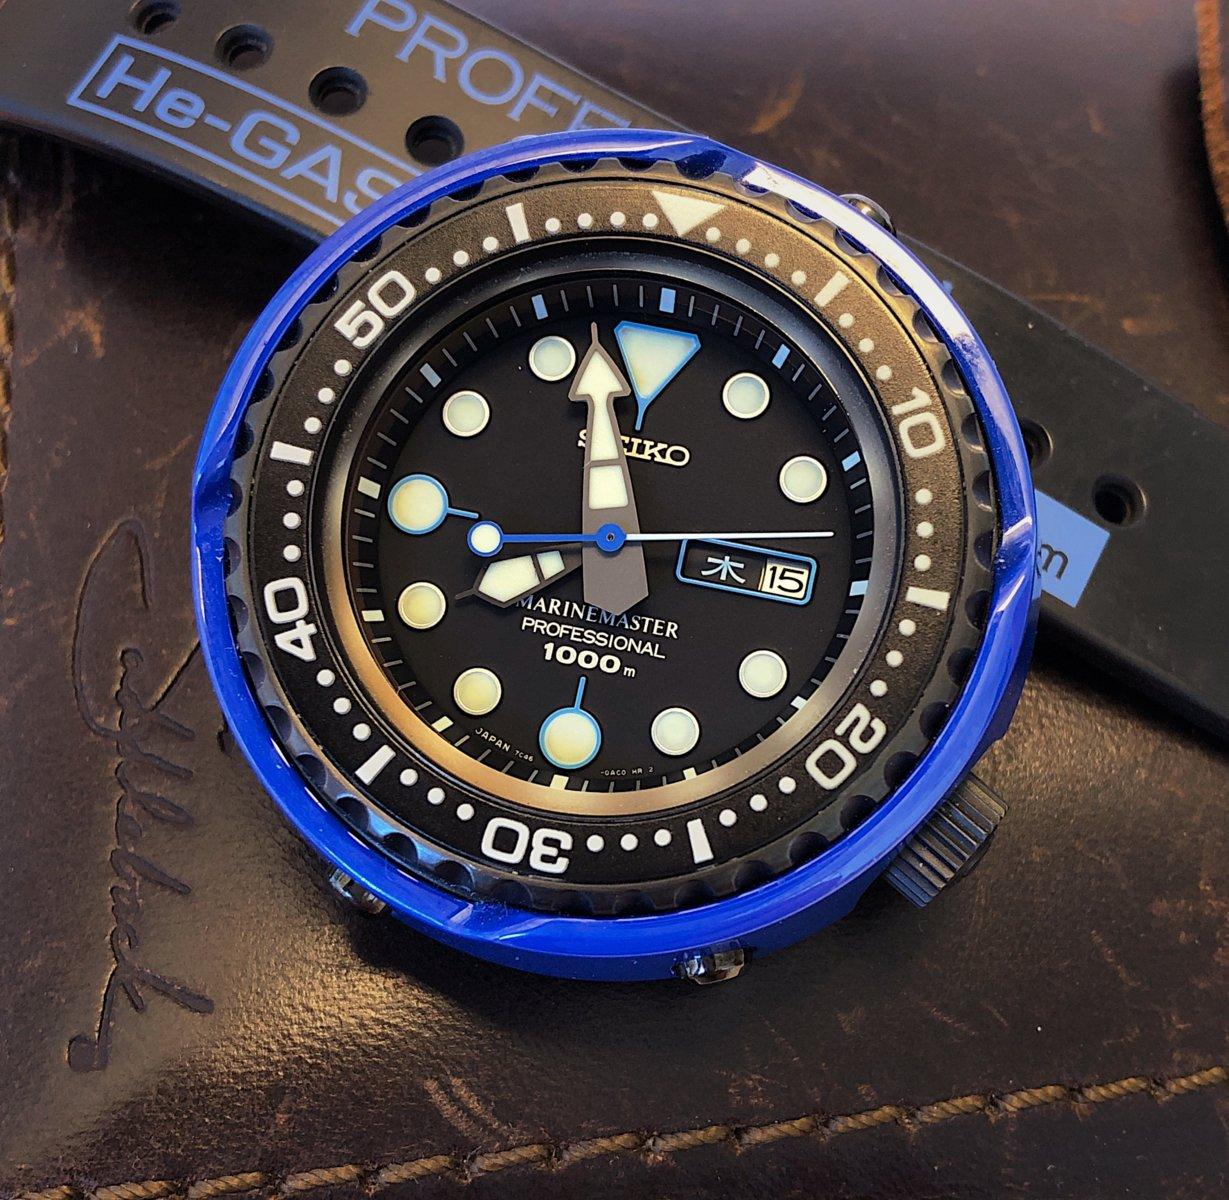 C28938FD-9CEC-432B-9507-6F2A91C13A65.